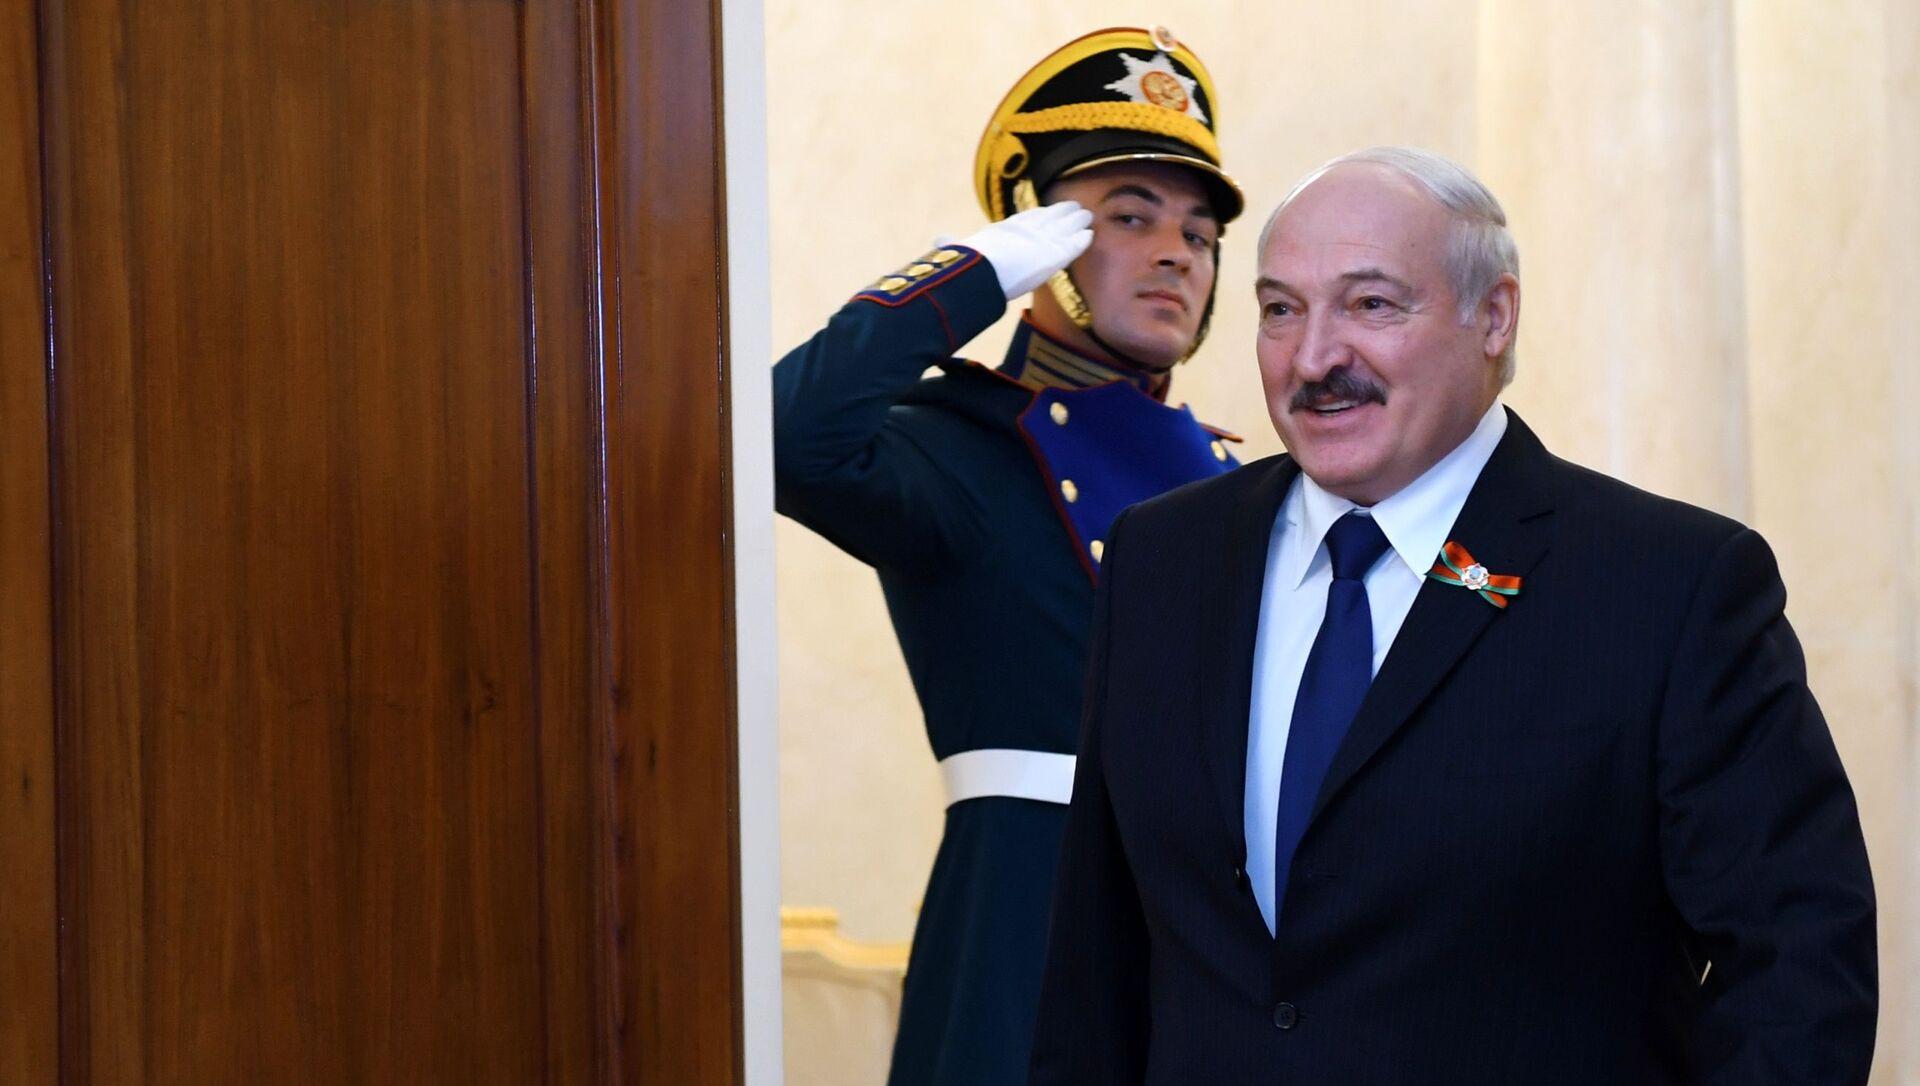 Běloruský prezident Alexandr Lukašenko  - Sputnik Česká republika, 1920, 11.02.2021